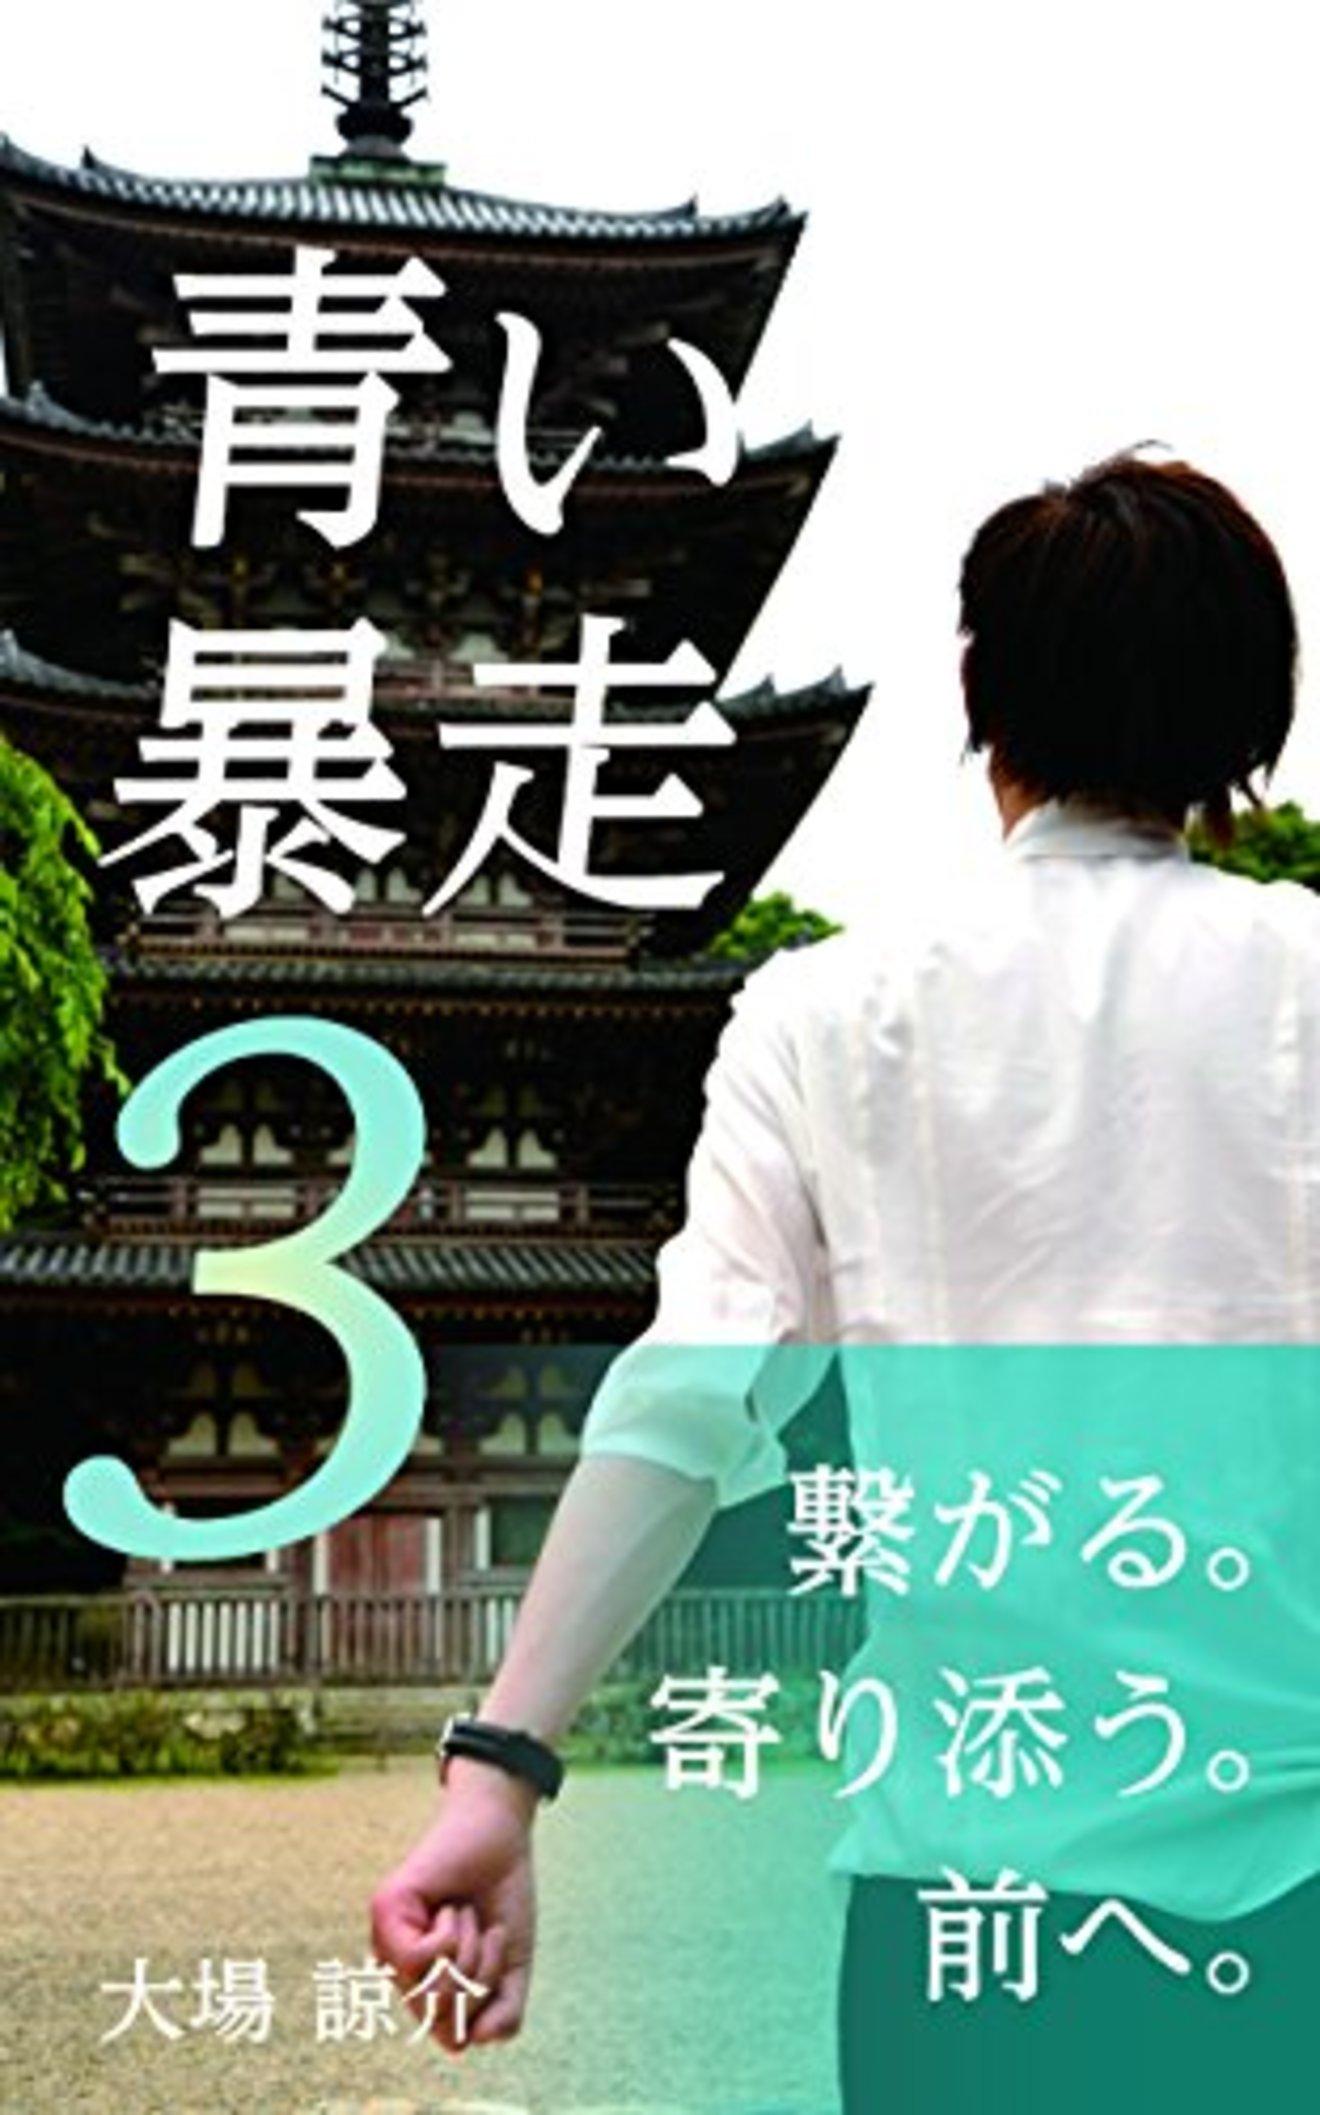 【連載小説】「ロマンティックが終わる時」第9話【毎朝6時更新】